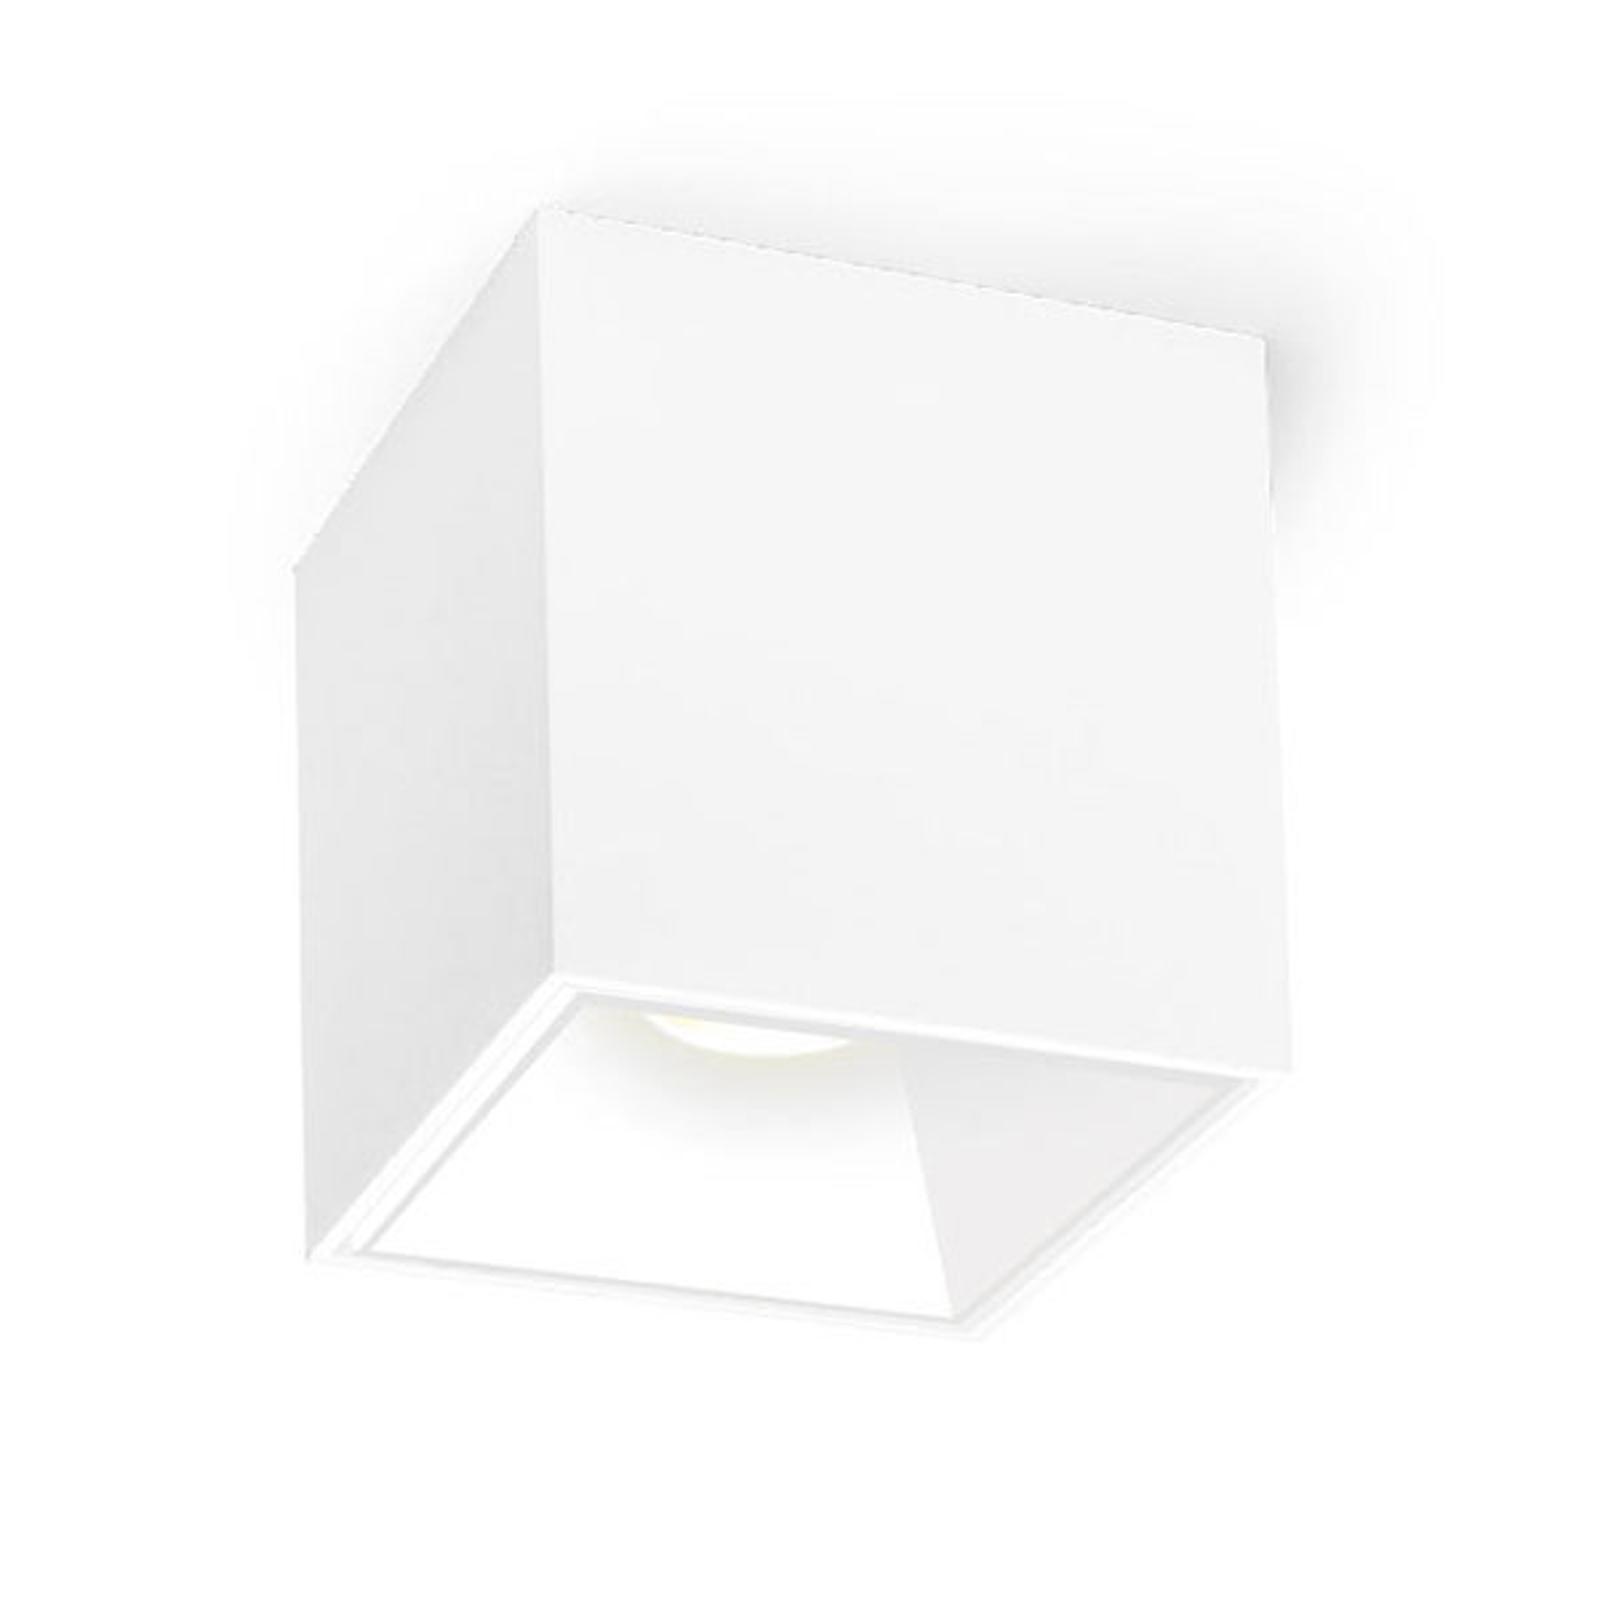 WEVER & DUCRÉ box binnenreflector, wit